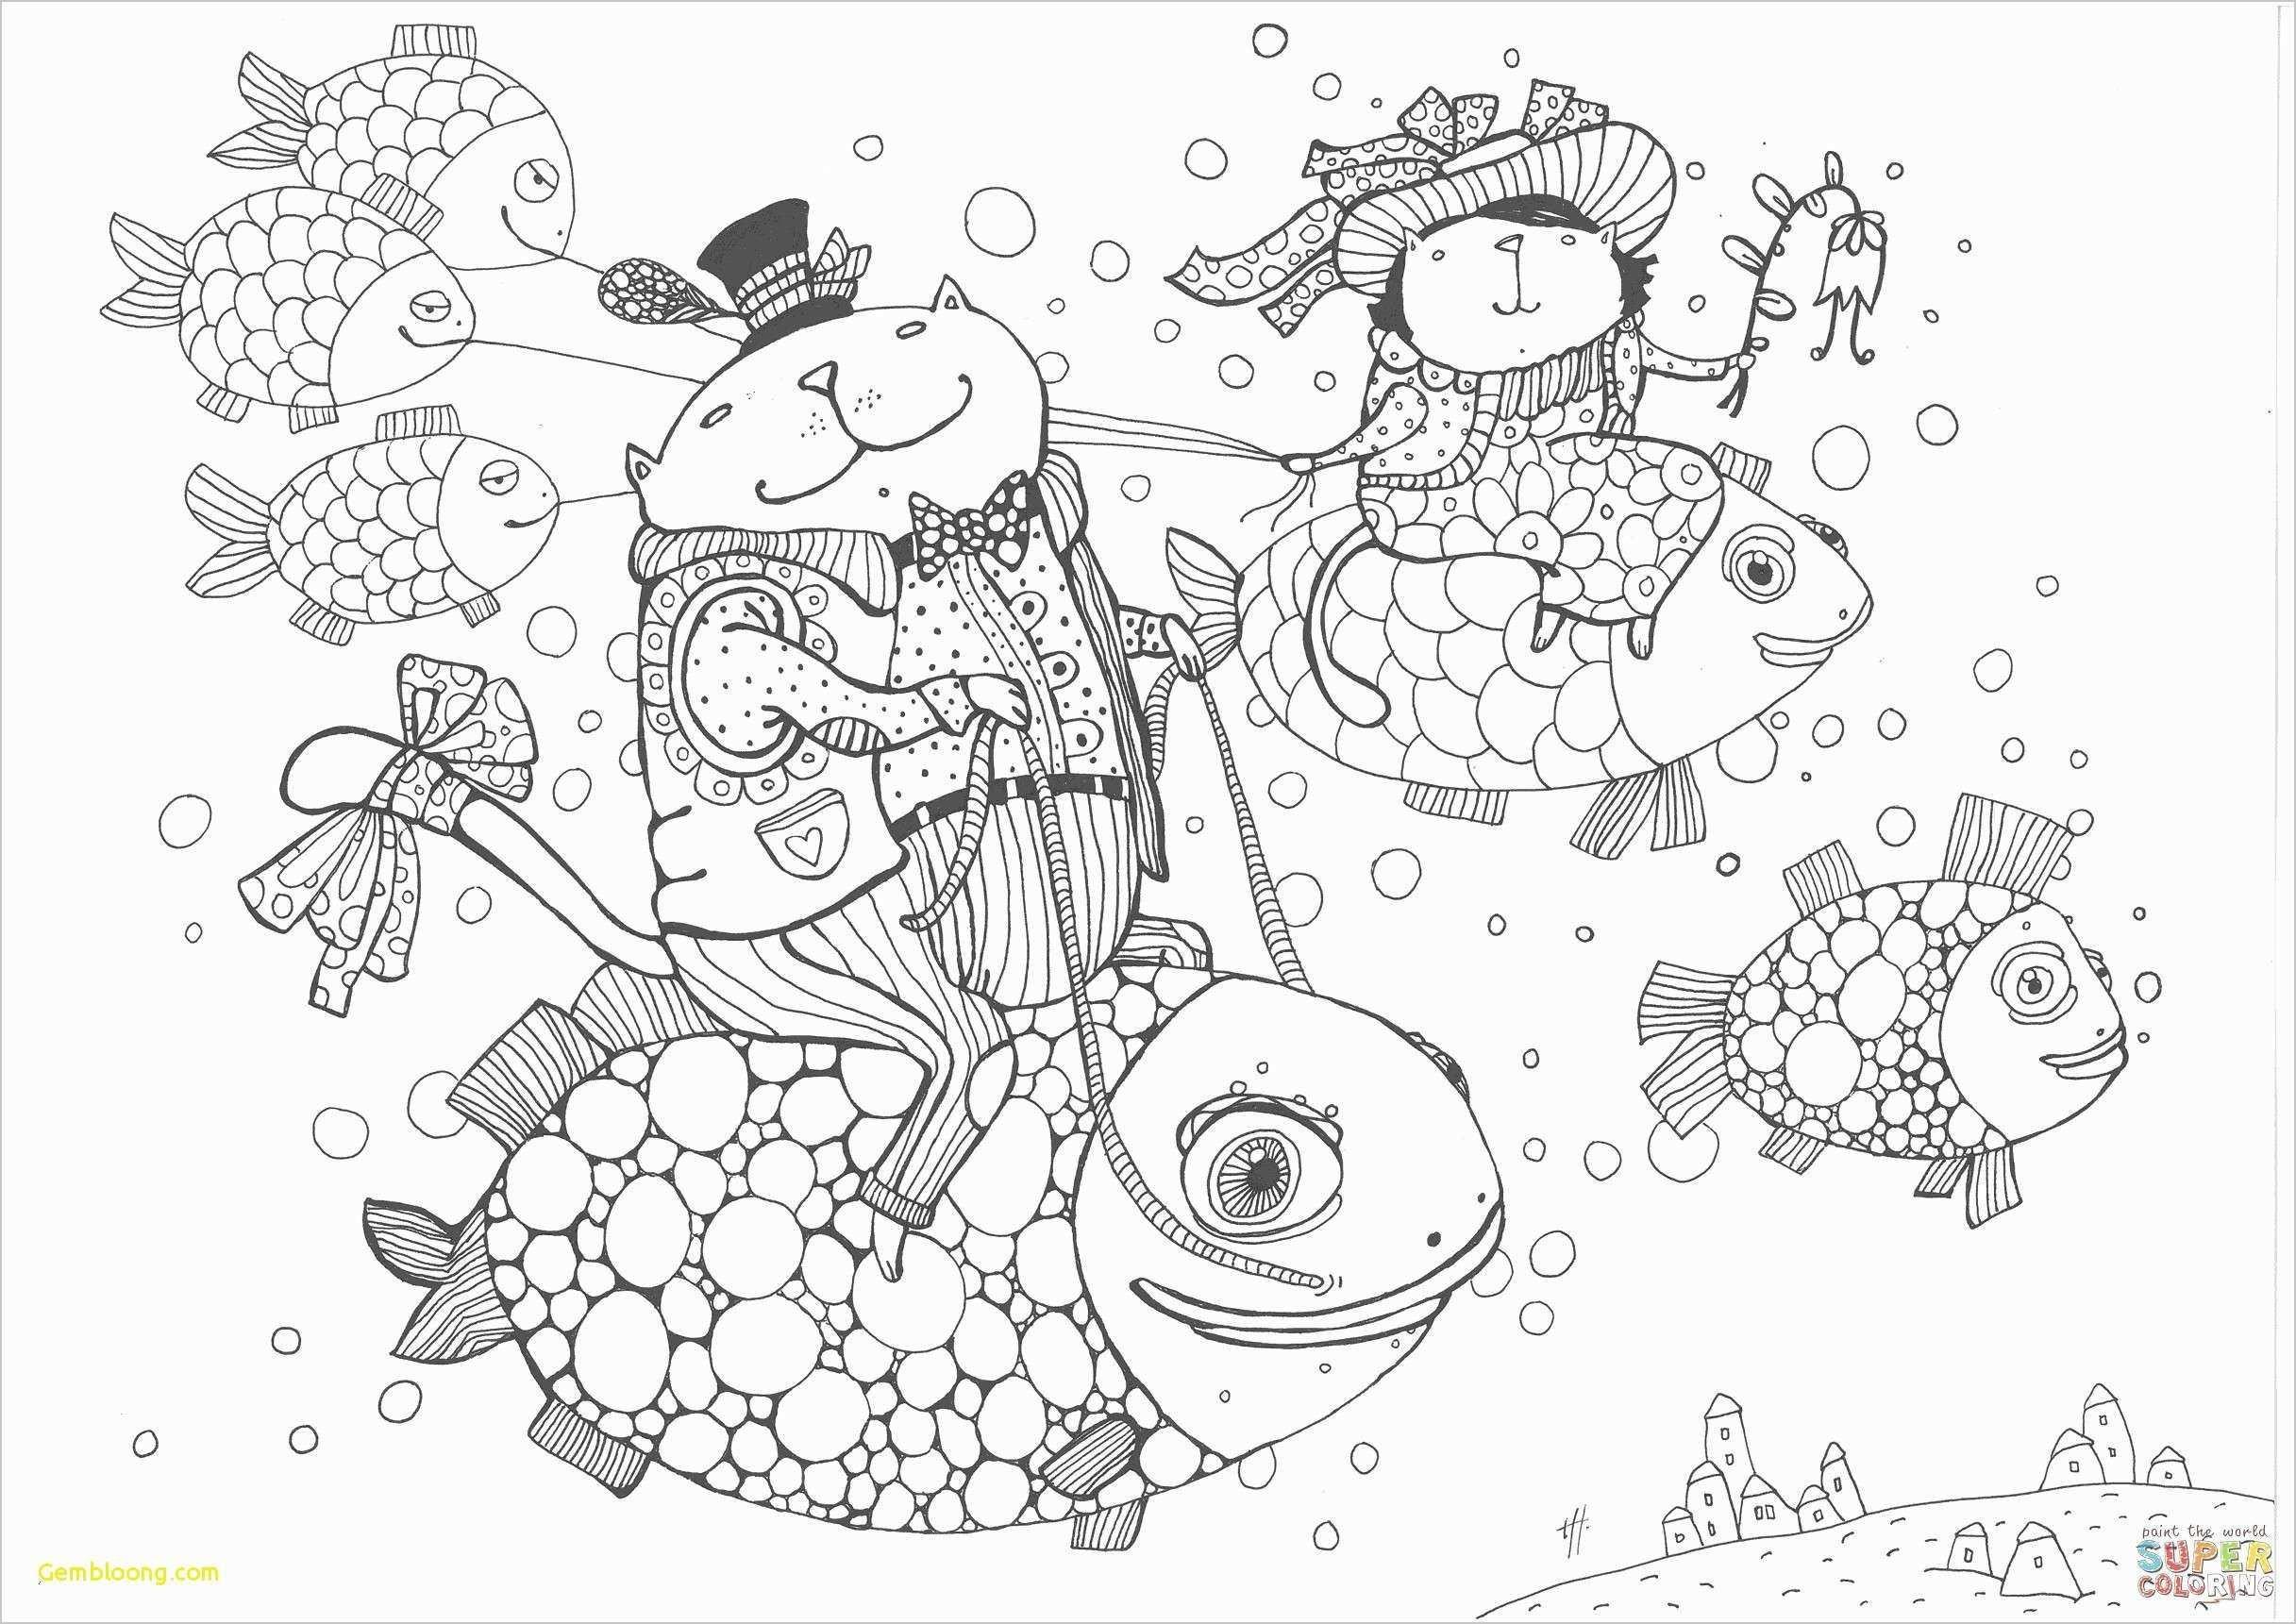 Malvorlagen Weihnachten Kostenlos Inspirierend Weihnachten Bilder Malen Vorschlag Kostenlose Ausmalbilder Sammlung